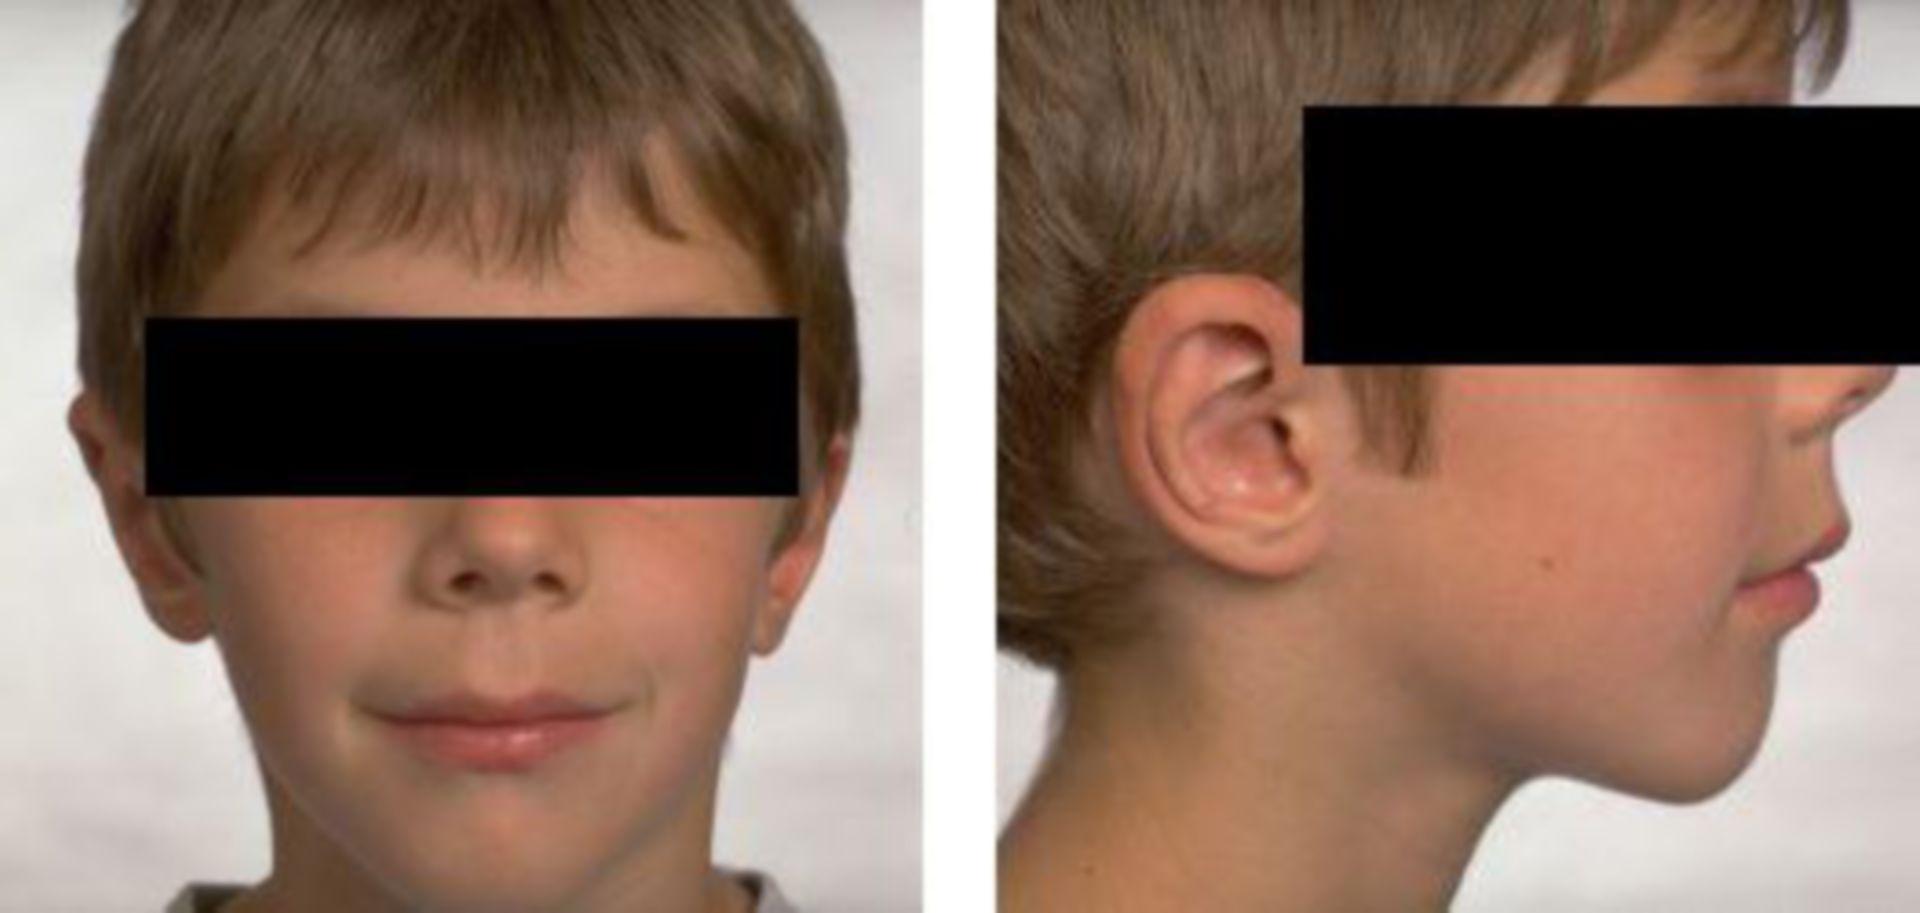 Dopo l'intervento correttivo delle orecchie